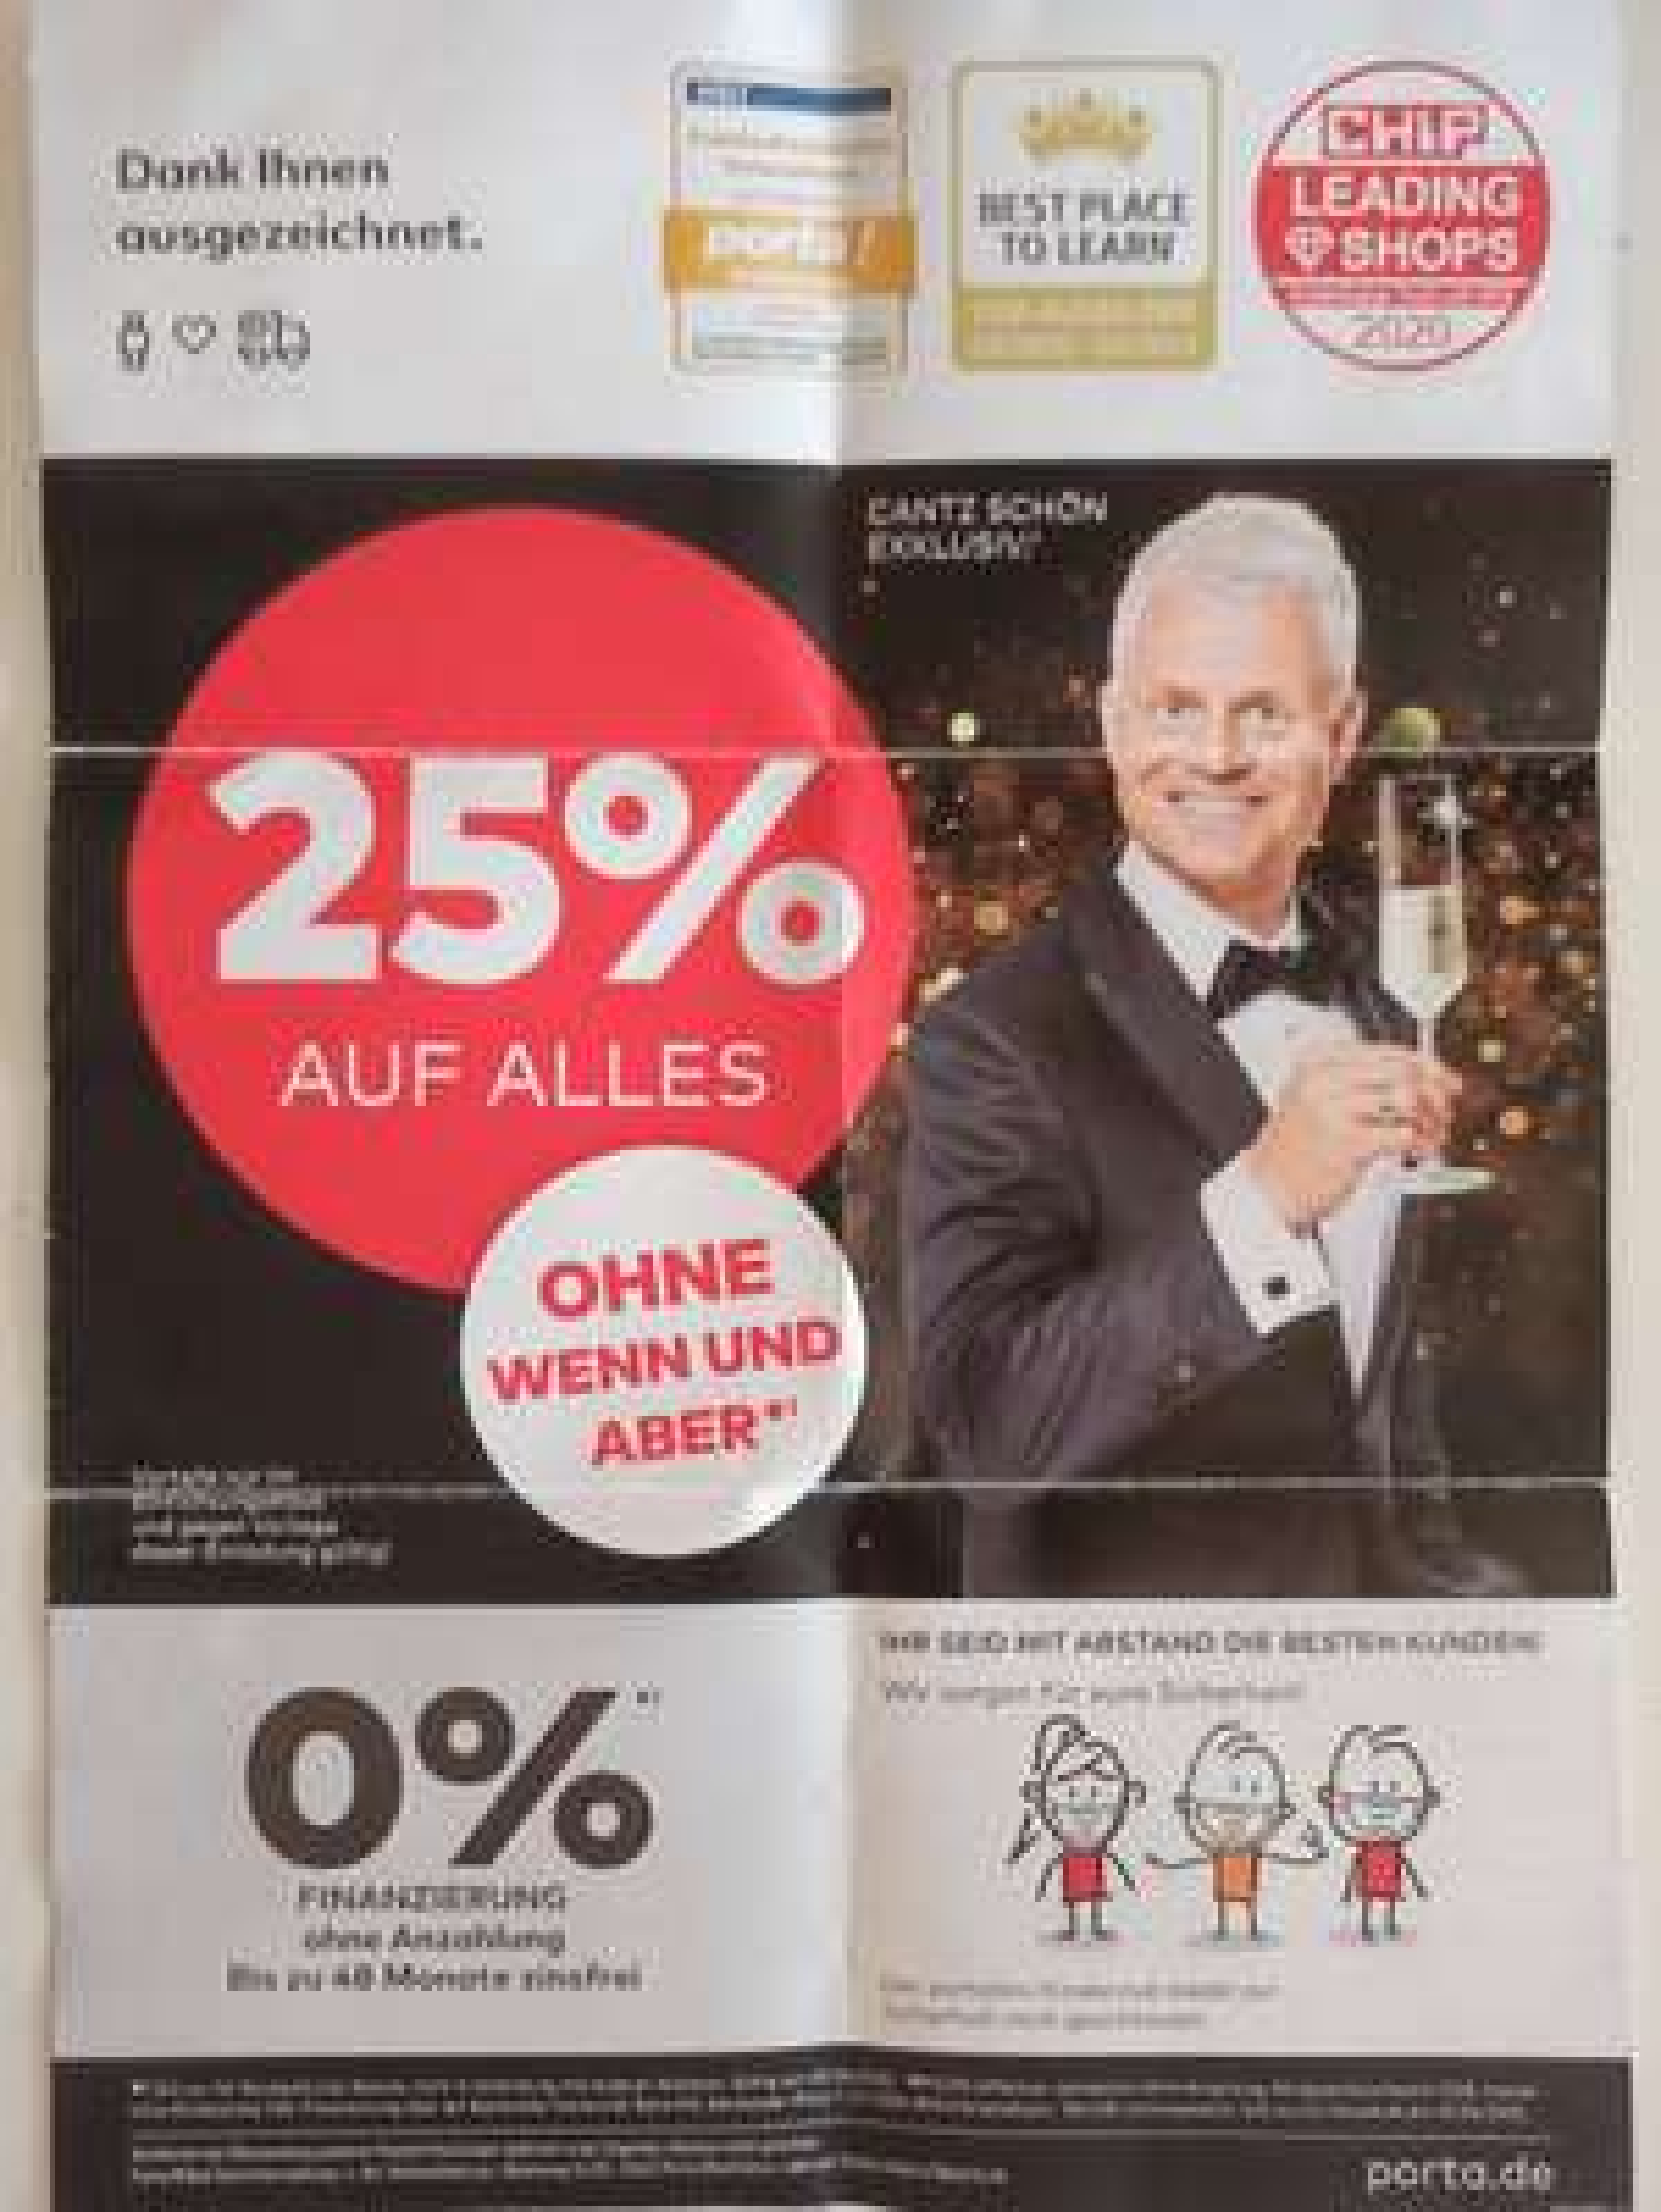 Lokal Bornheim, Frechen und Porz Lind - [Porta Möbel] 25% AUF ALLES